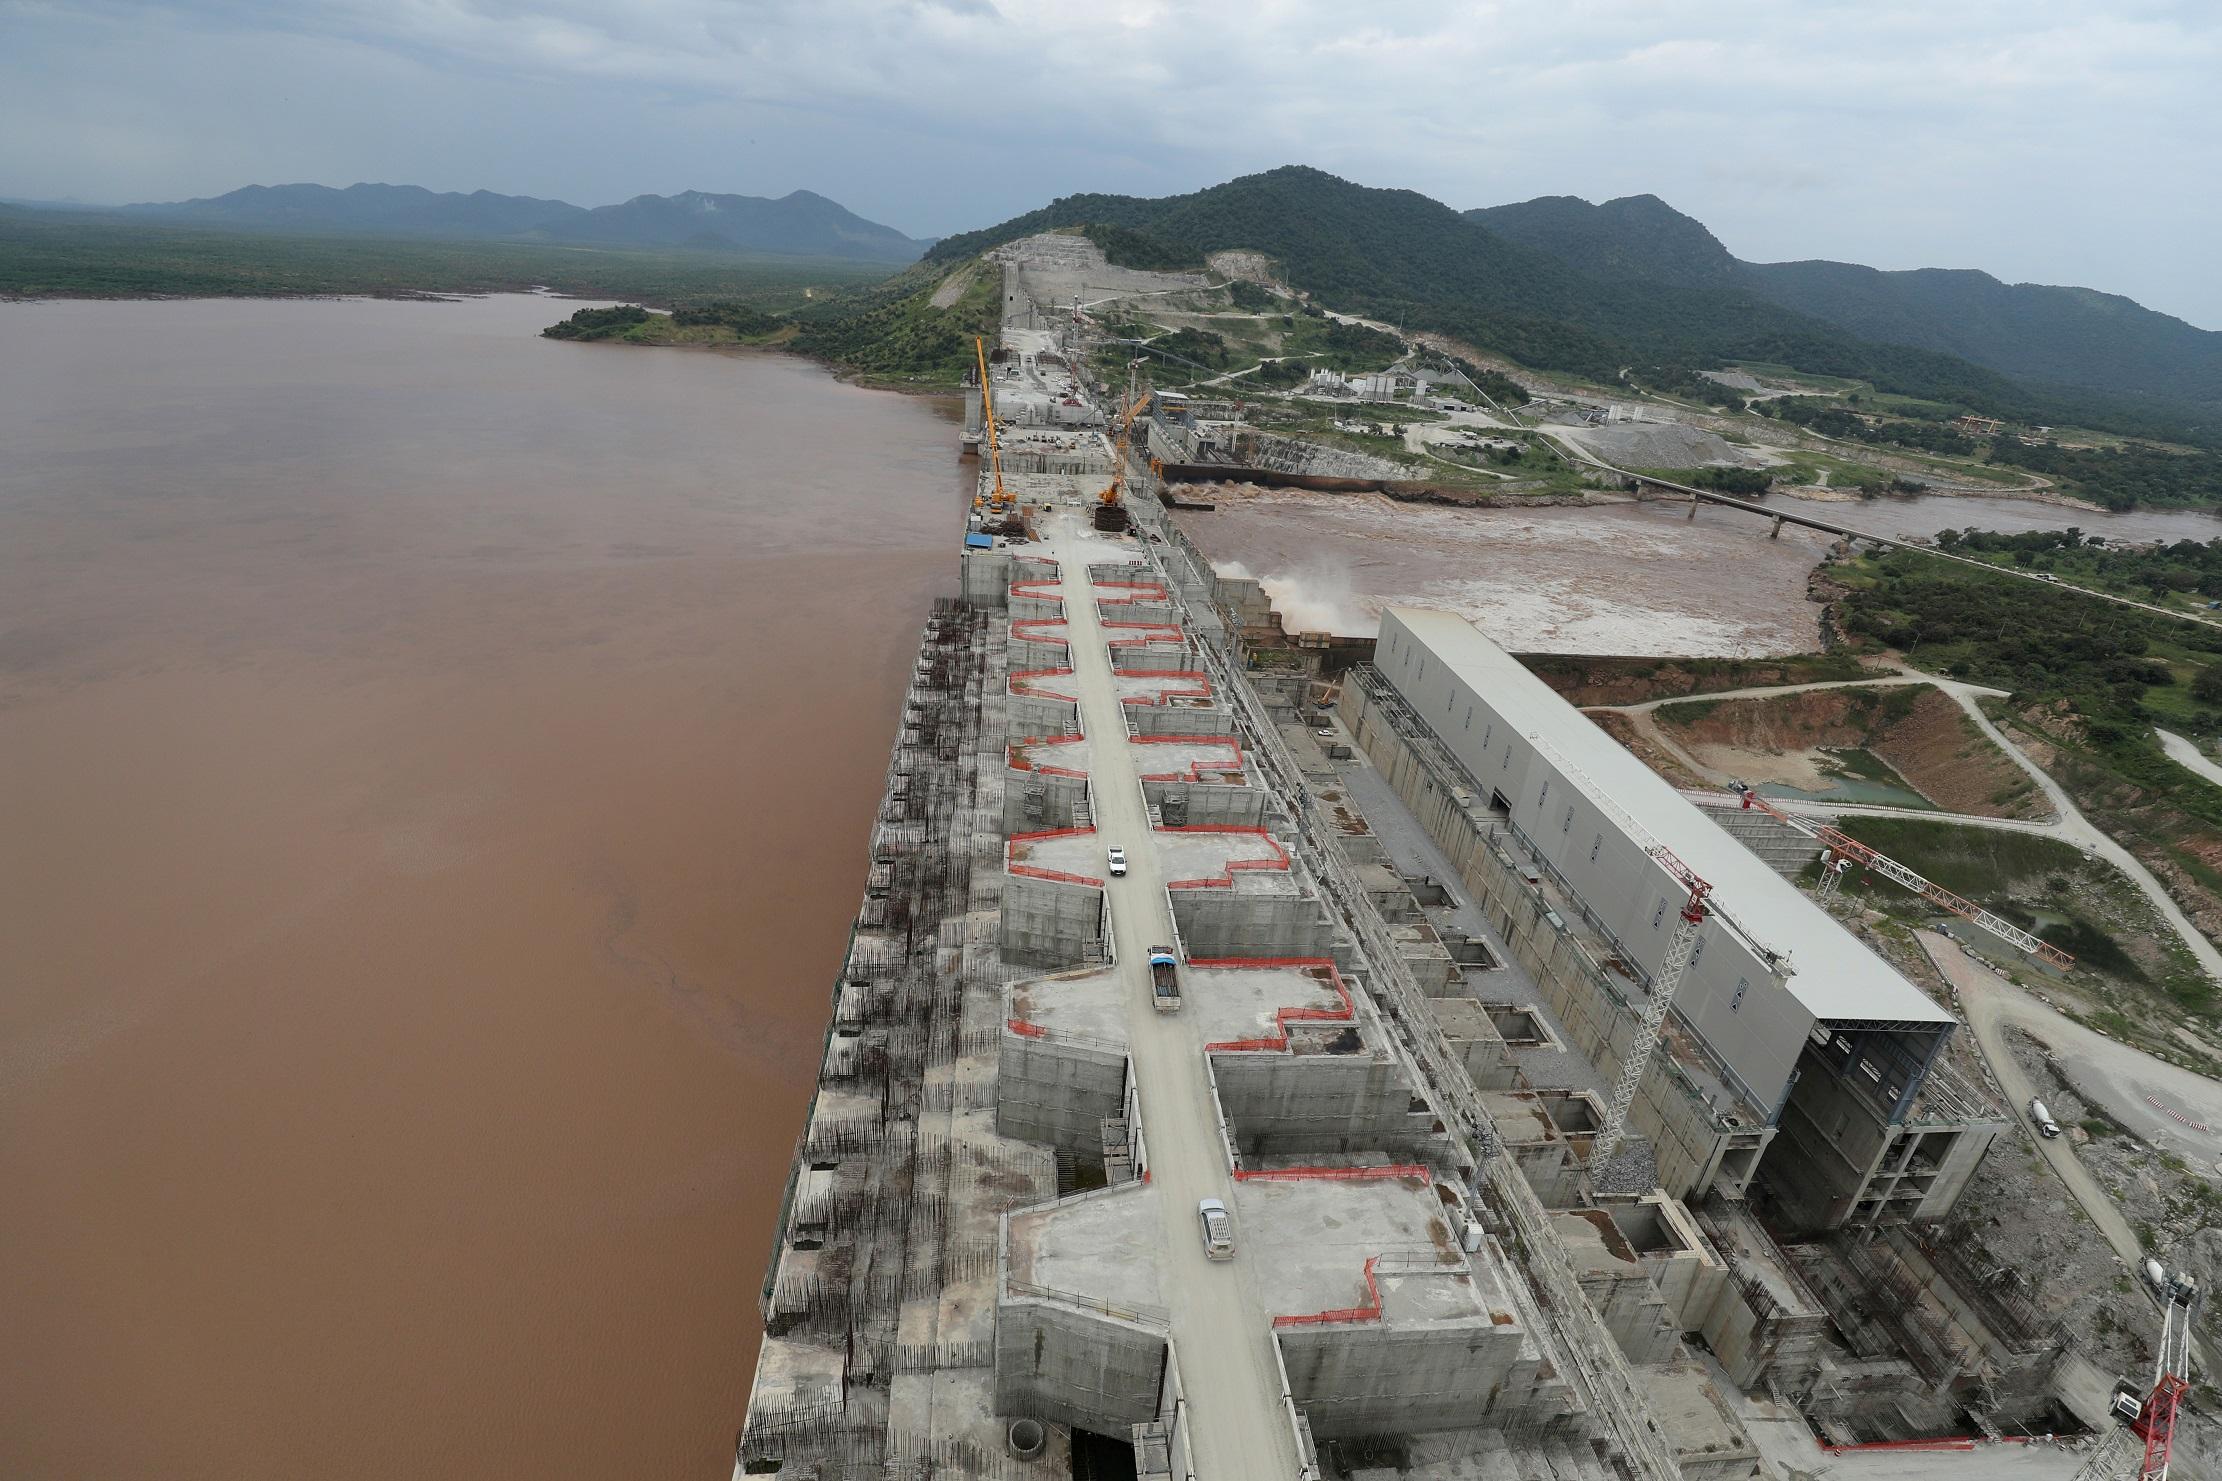 إثيوبيا: ملء سد النهضة من جانب واحد سيبدأ في يوليو كما هو مخطط